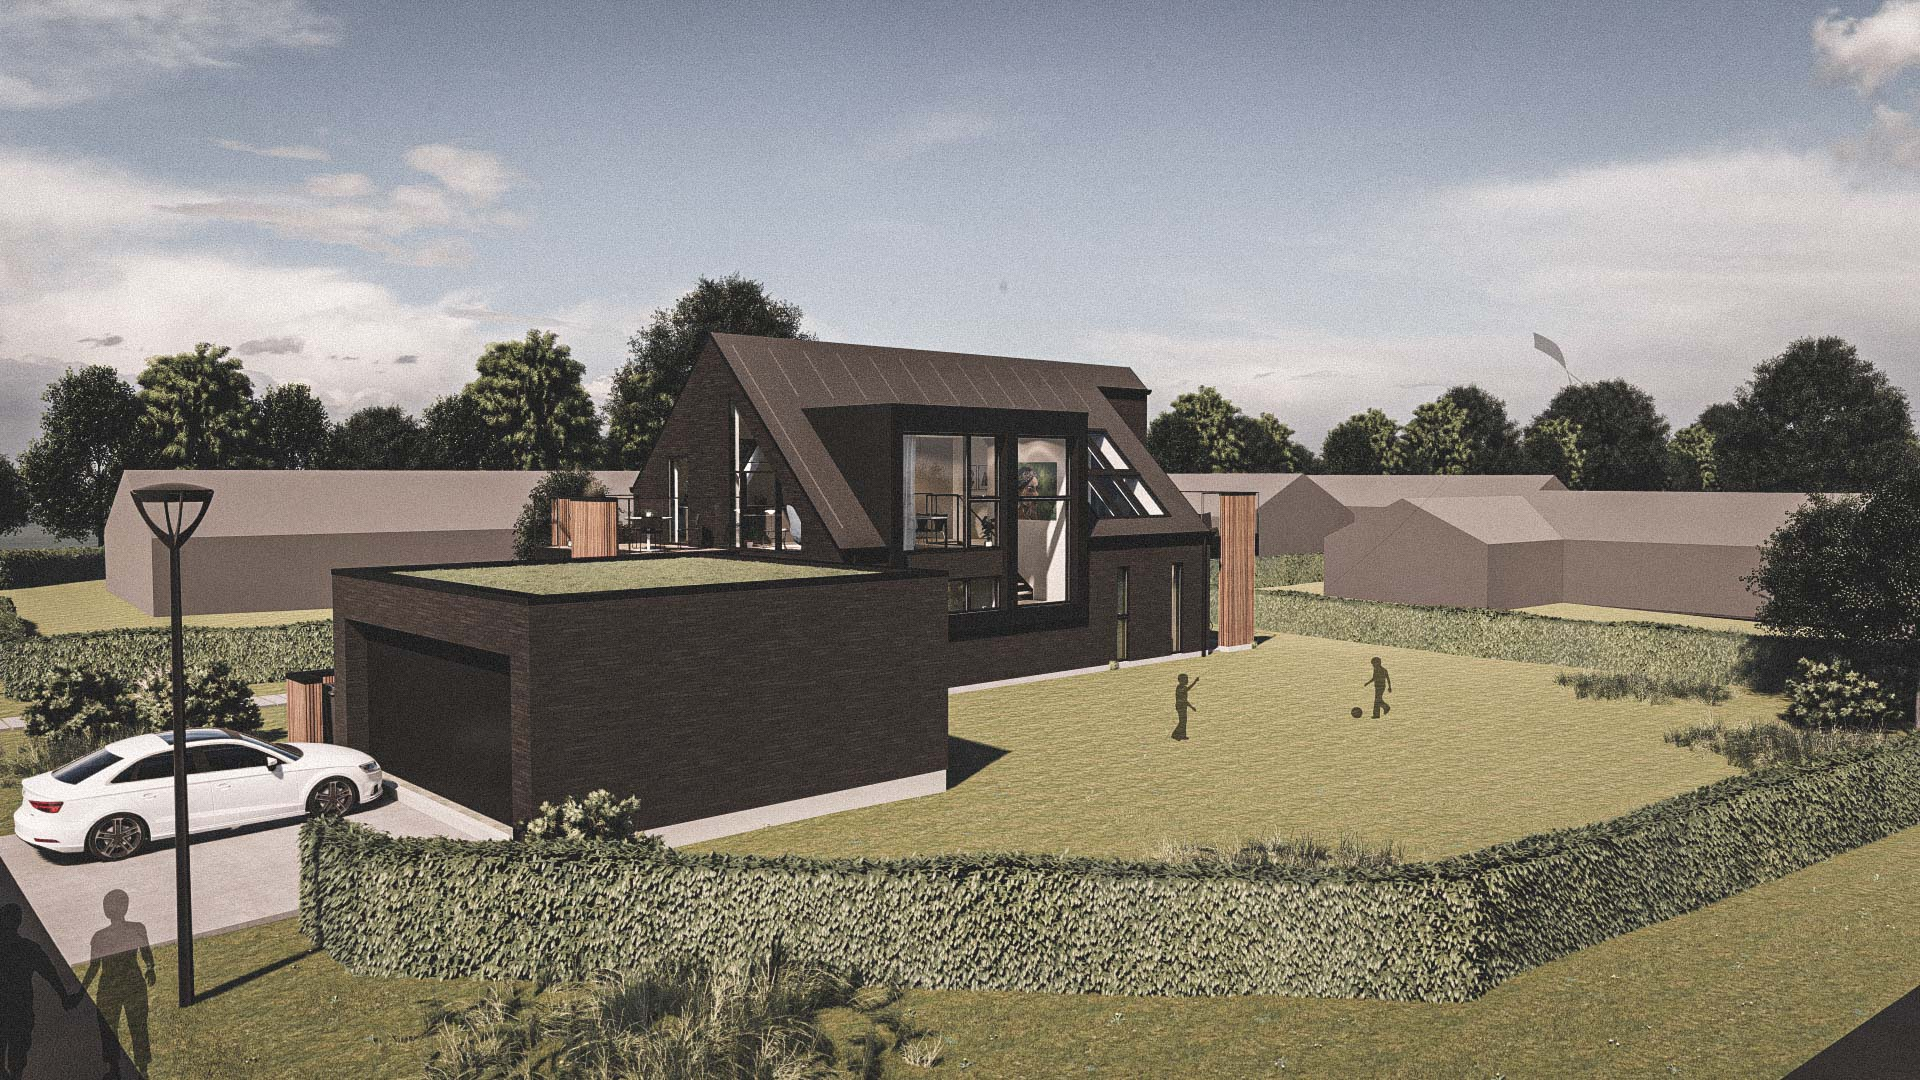 Billede af et arkitekt tegnet projektforslag af ny drømme villa i Svendborg, af det danske arkitektfirma m2plus